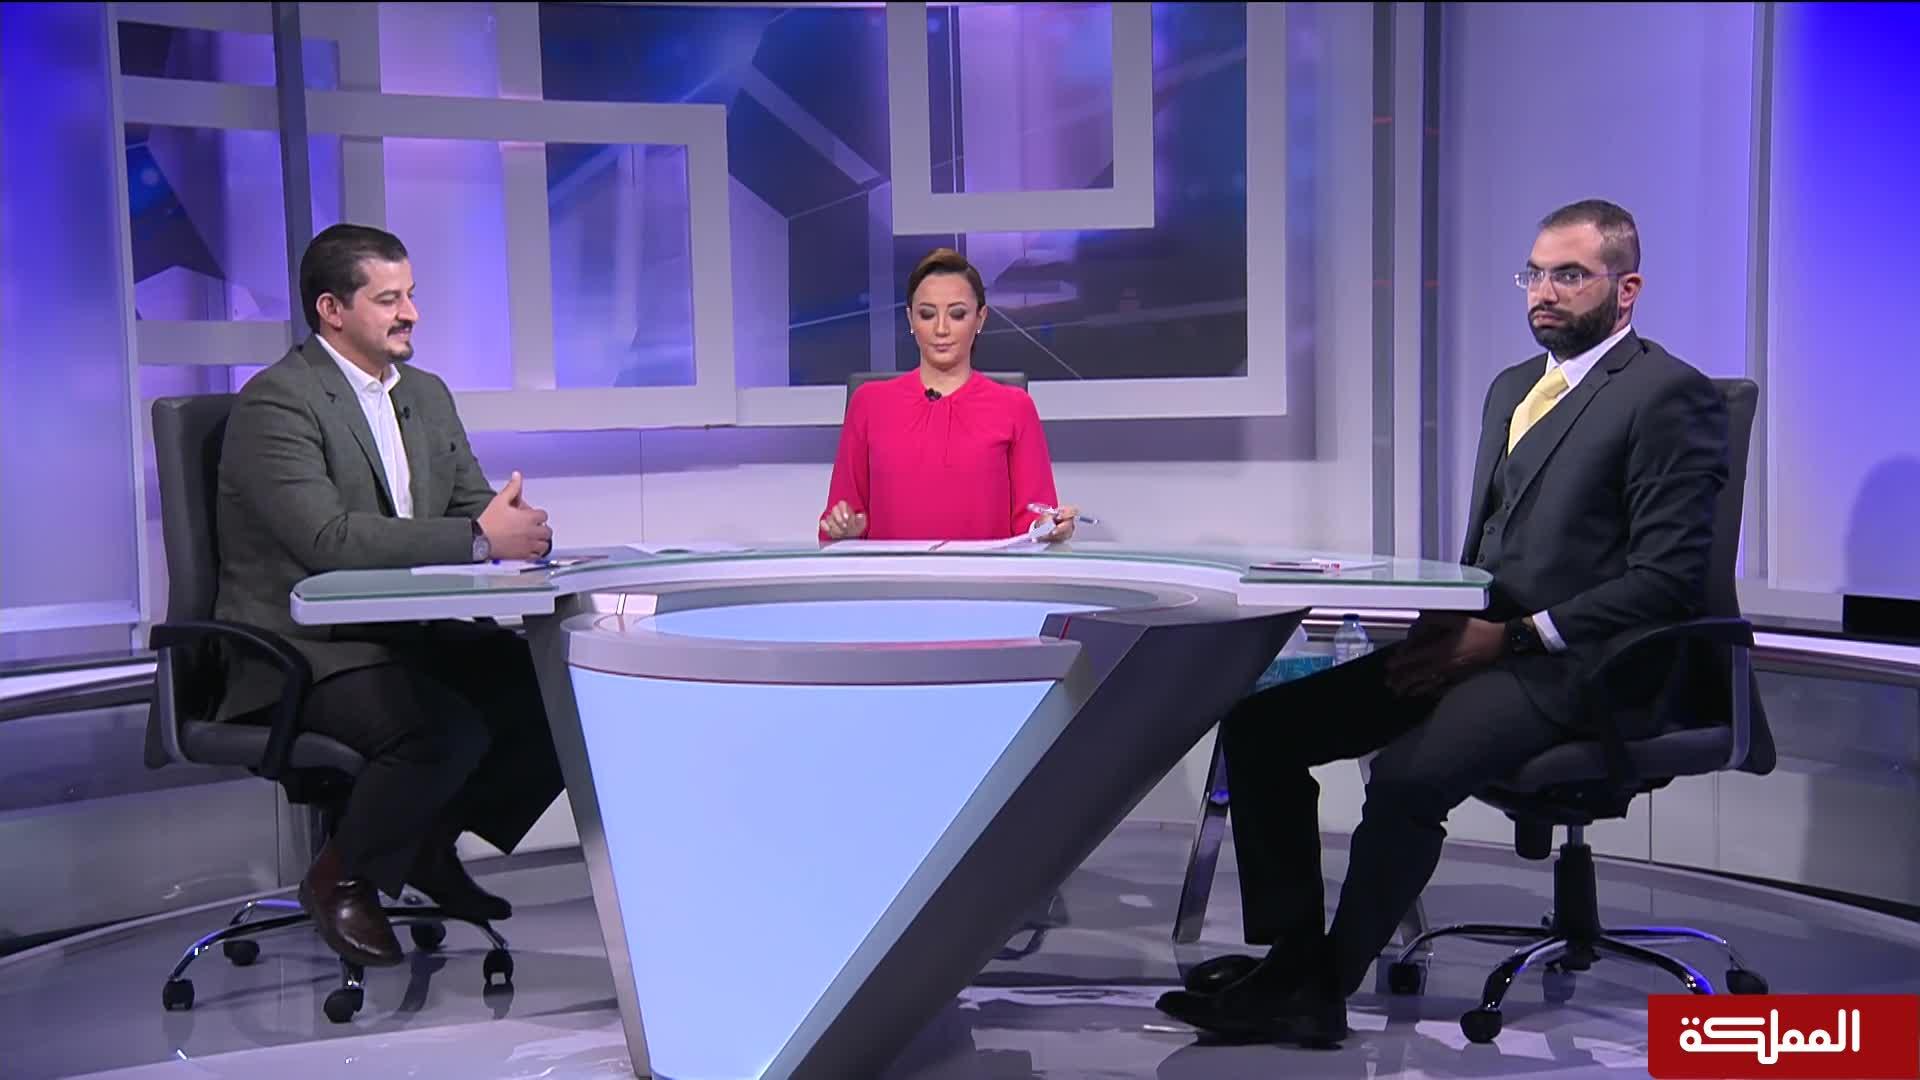 حكومة الظل | خطط وبرامج وزارة الشباب بين  التطوير وواقع التنفيذ